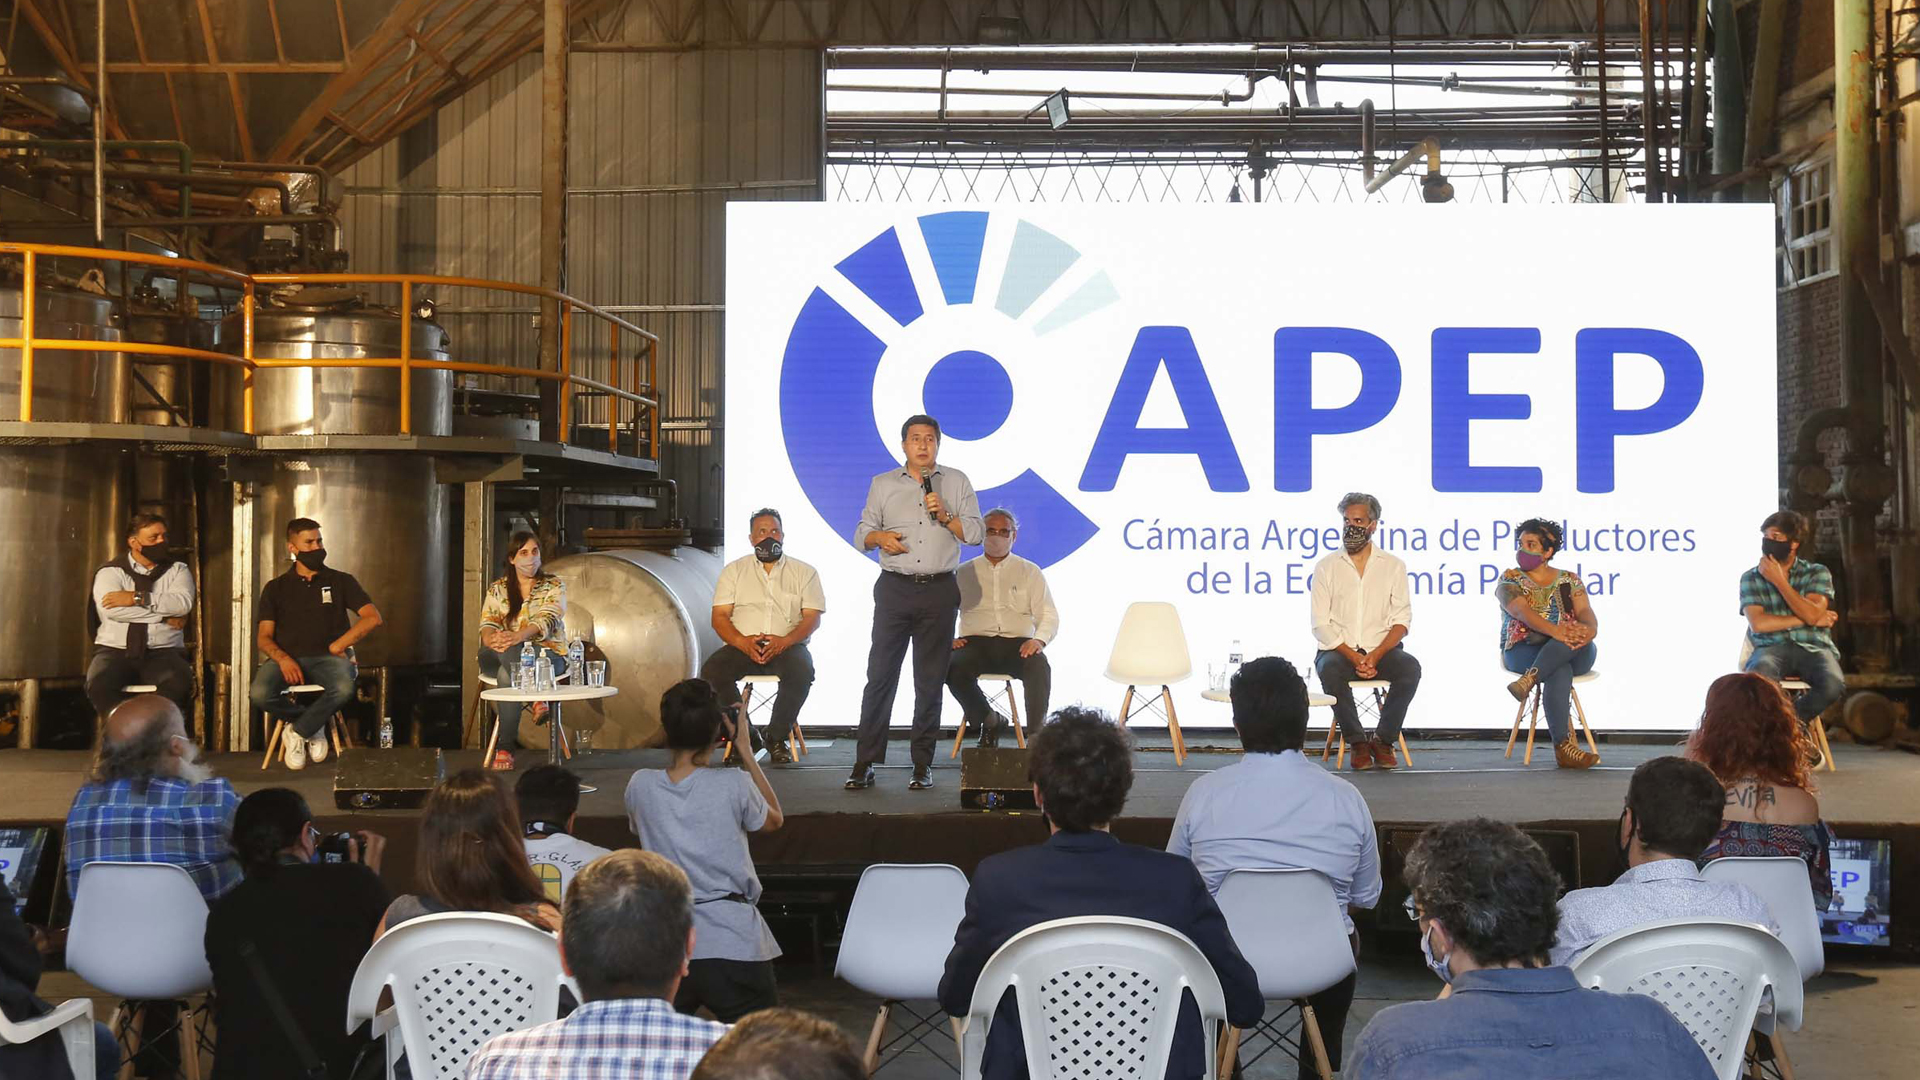 Se lanzó la Cámara Argentina de Productores de la Economía Popular